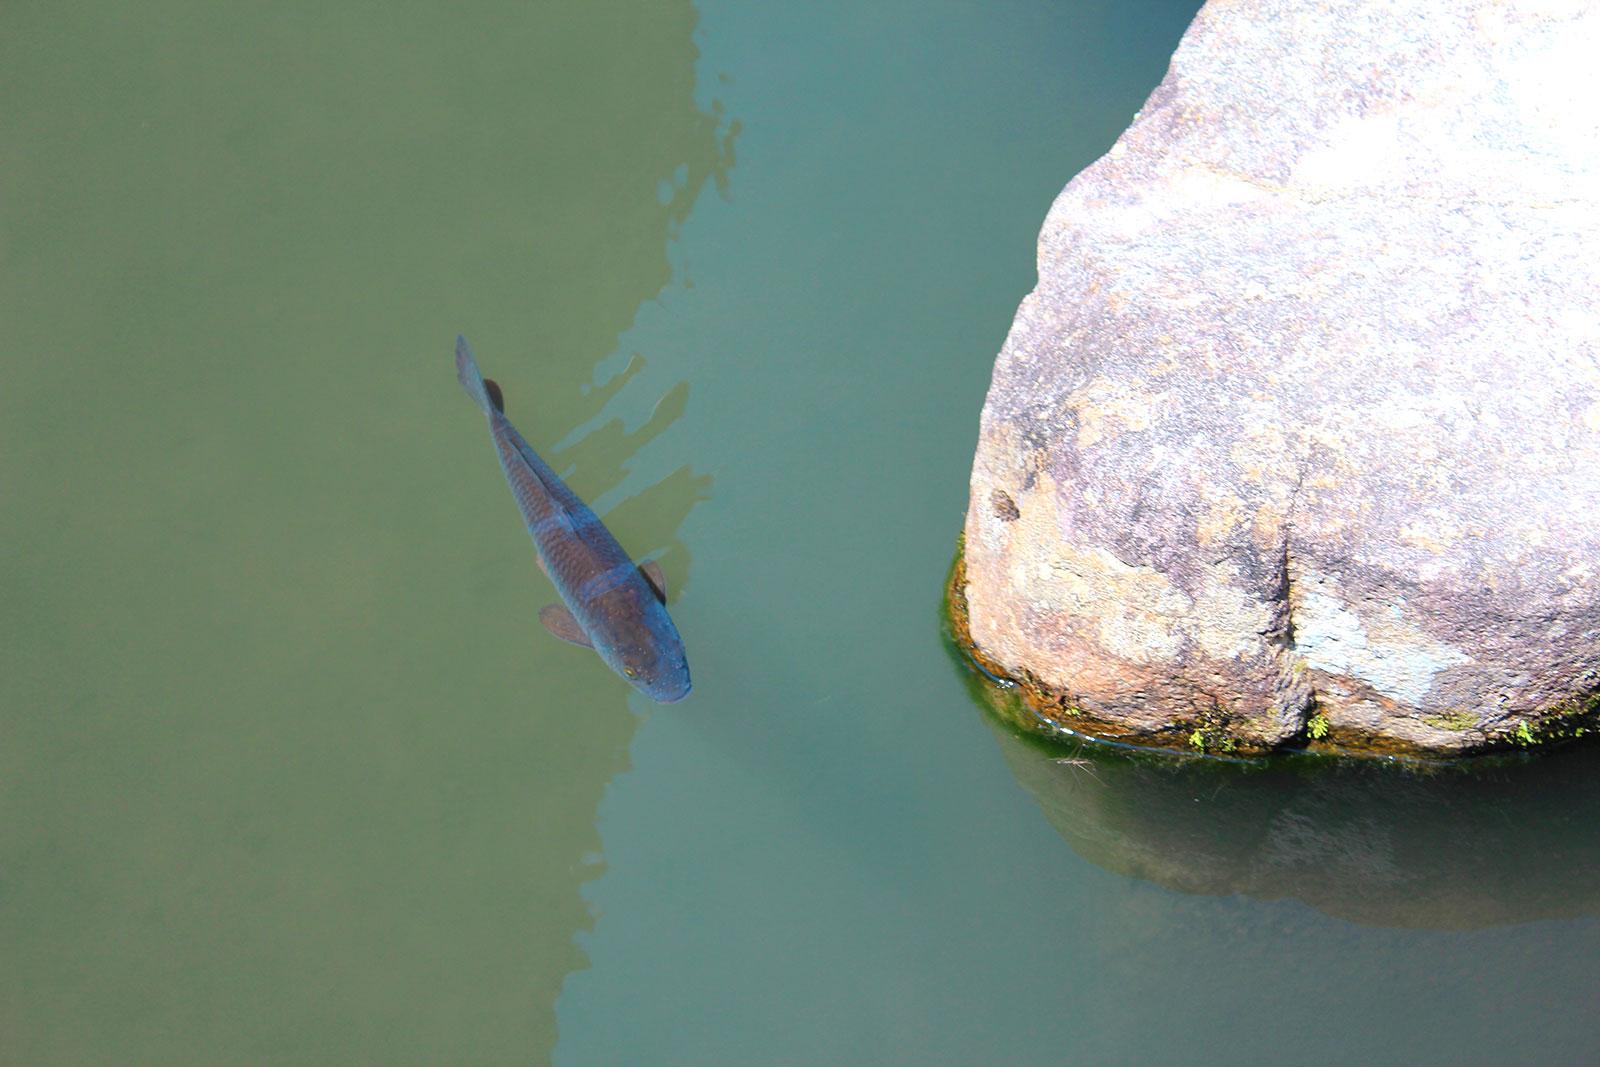 悠然と泳ぐ鯉